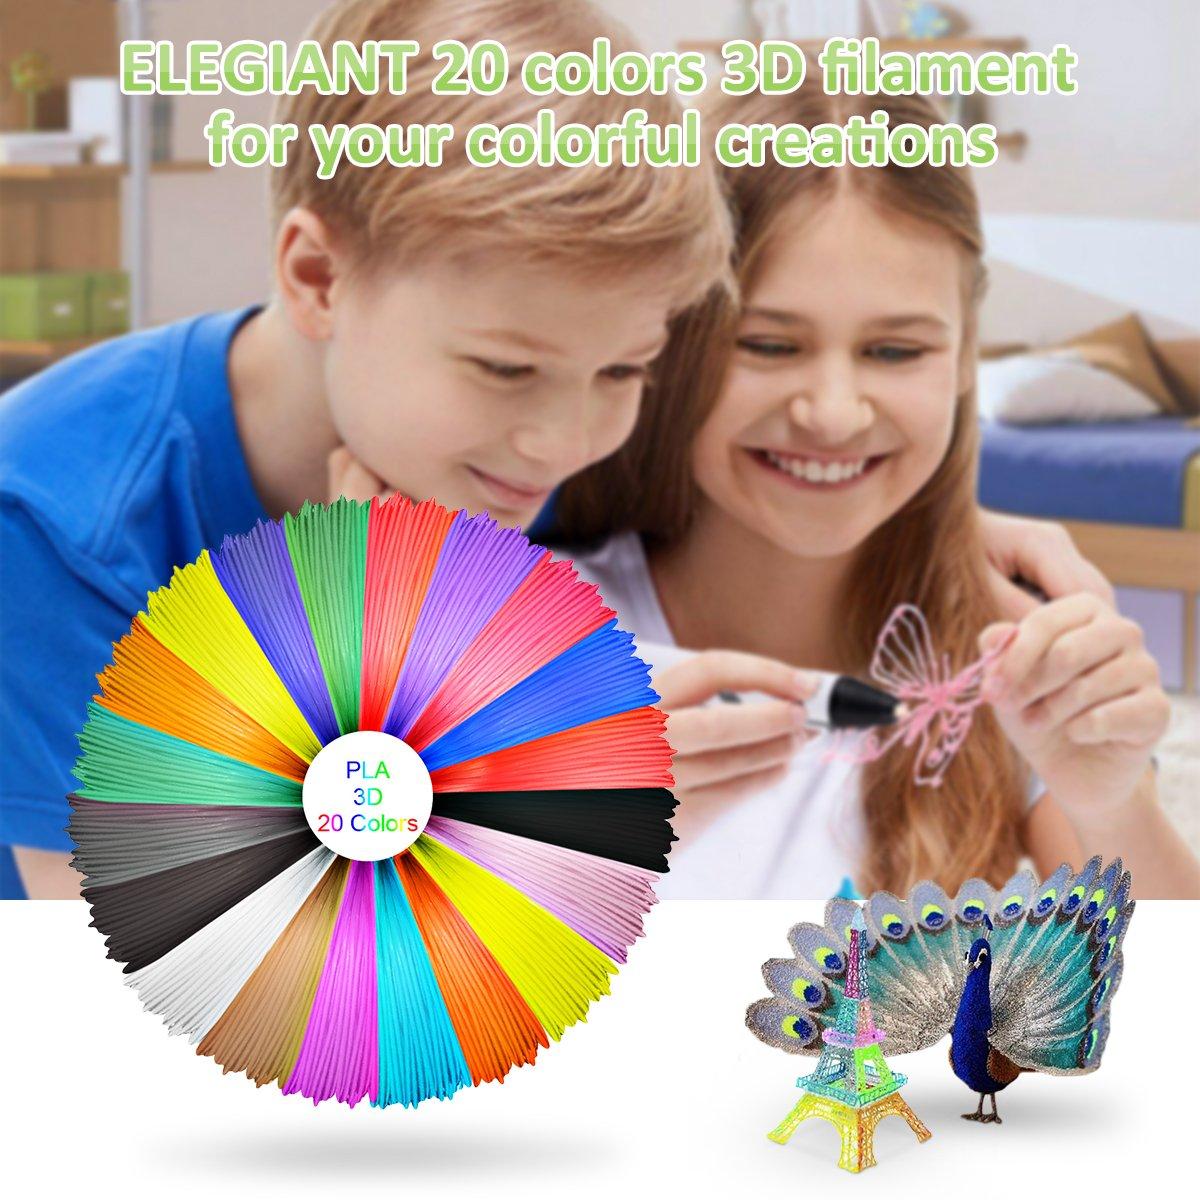 ELEGIANT 20 Pezzi PLA 1.75mm 10M Materiali Filamenti per Stampa 3D Filamenti per Stampanti 3D Materiali per la Stampa 3D Hobby Creativi 3D